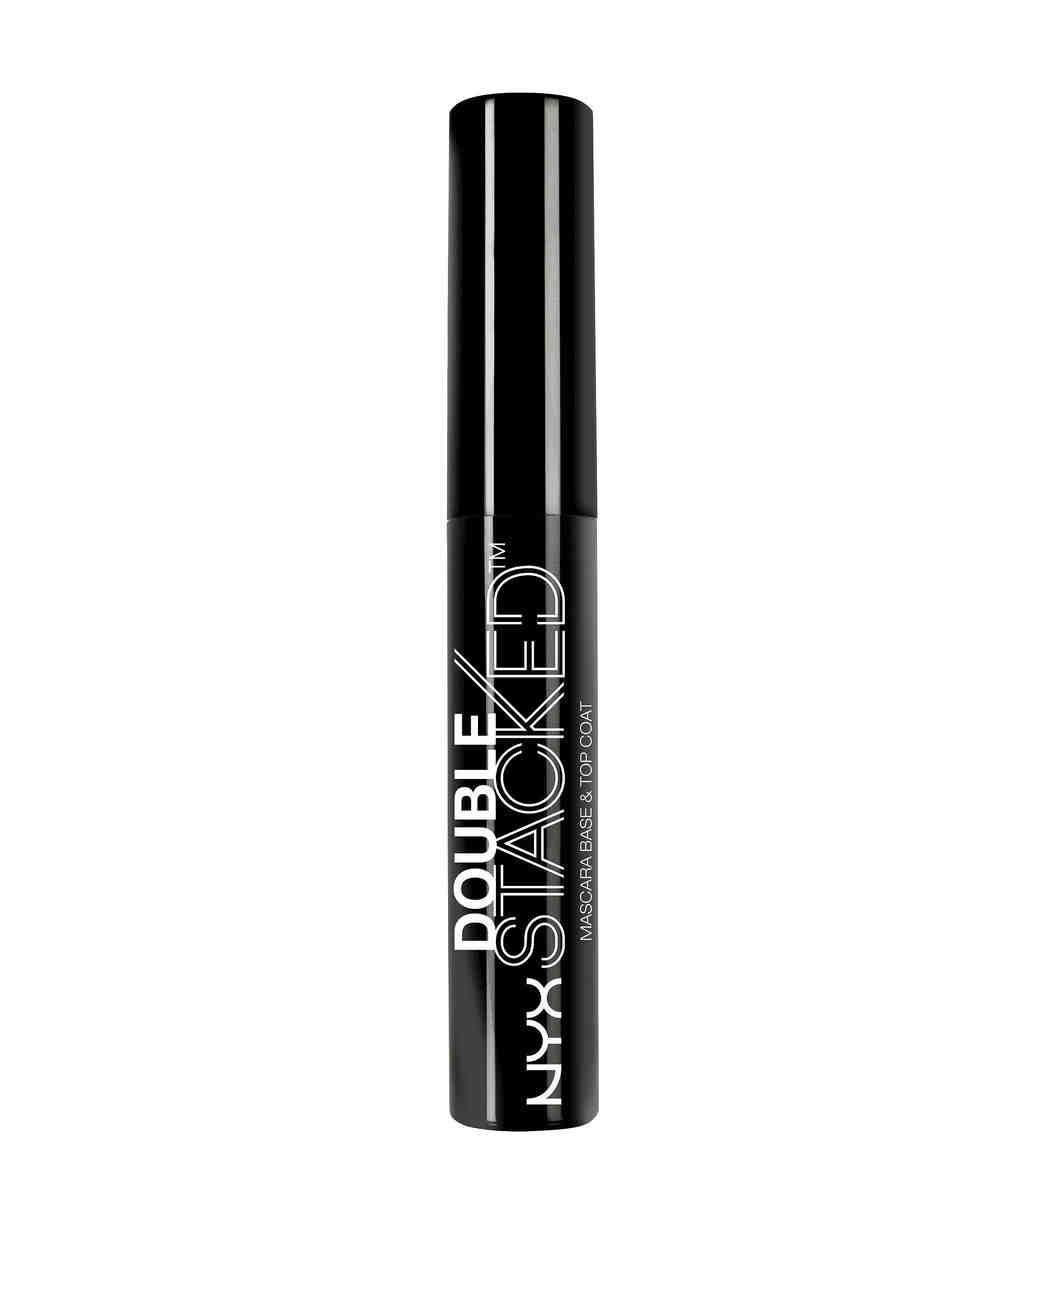 nyx cosmetics double stacked mascara